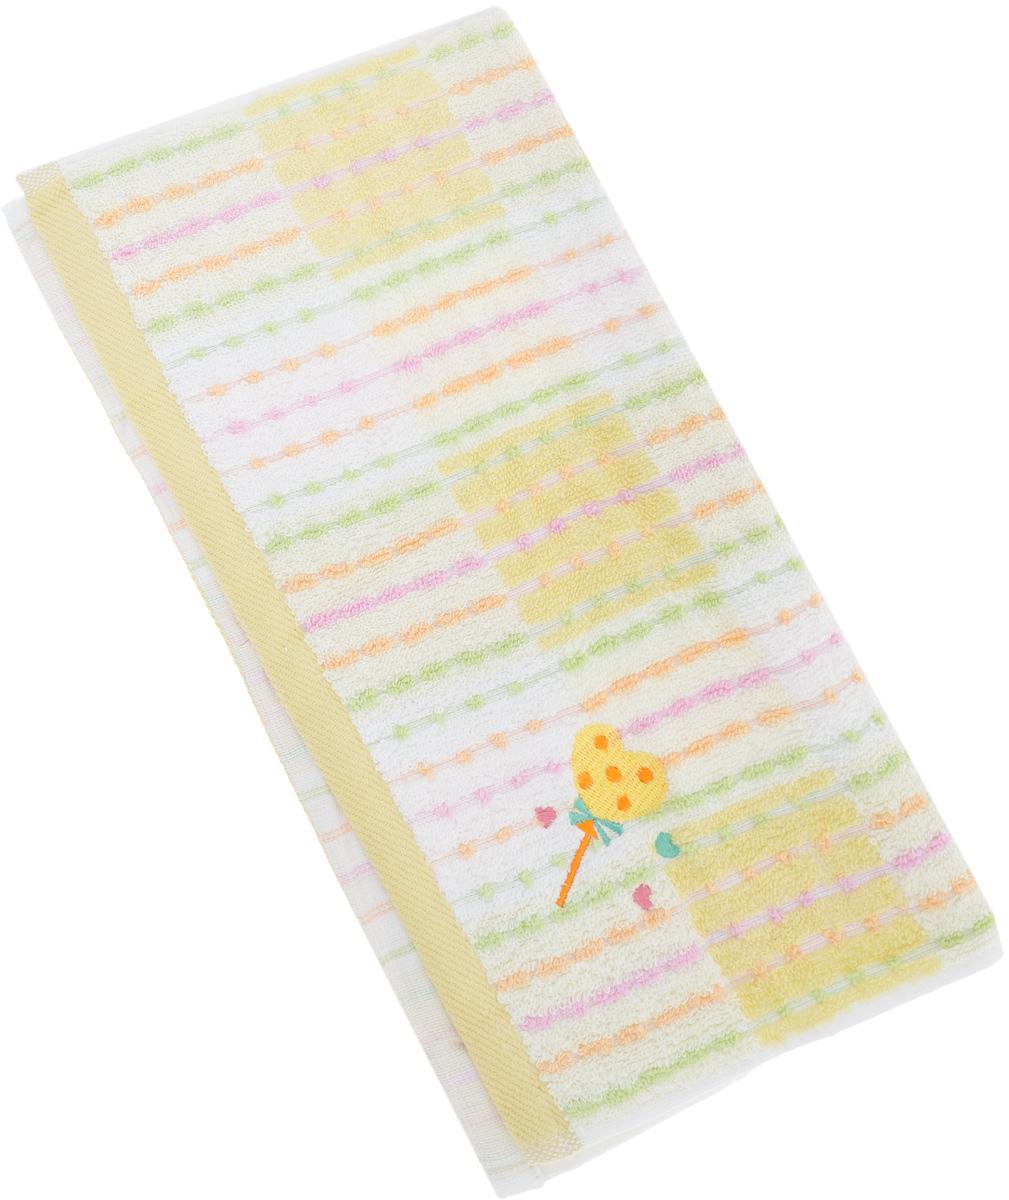 Полотенце Soavita Premium. Marni, цвет: бежевый, 33 х 76 см68/5/2Полотенце Soavita Premium. Marni выполнено из 100% хлопка. Изделие отлично впитывает влагу, быстро сохнет, сохраняет яркость цвета и не теряет форму даже после многократных стирок. Полотенце очень практично и неприхотливо в уходе. Оно создаст прекрасное настроение и украсит интерьер в ванной комнате.